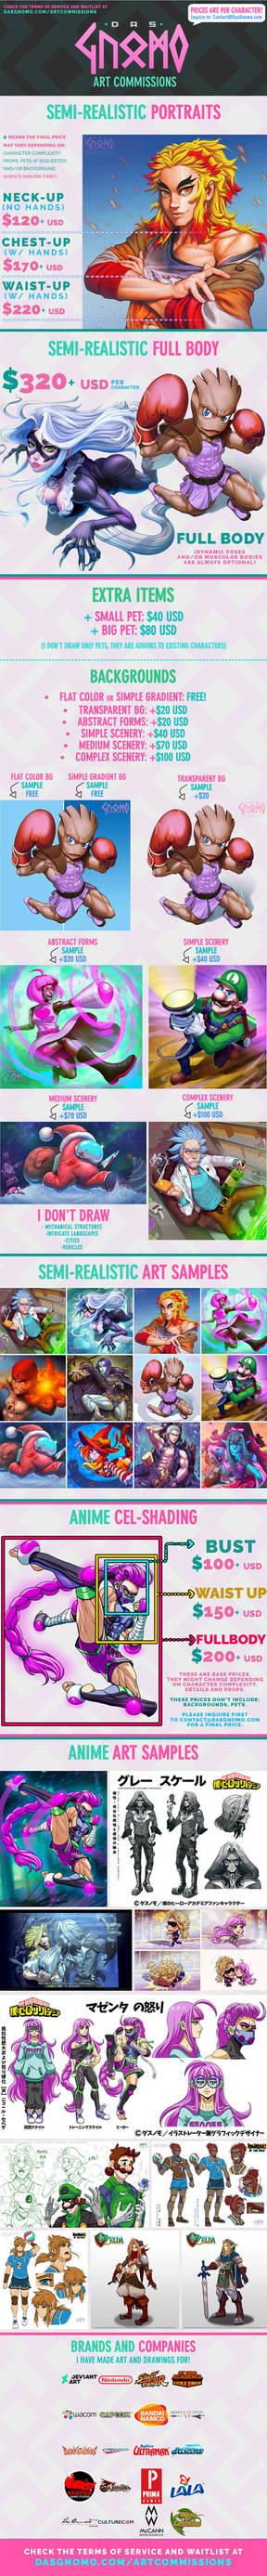 Art Commissions - DasGnomo - Read Description